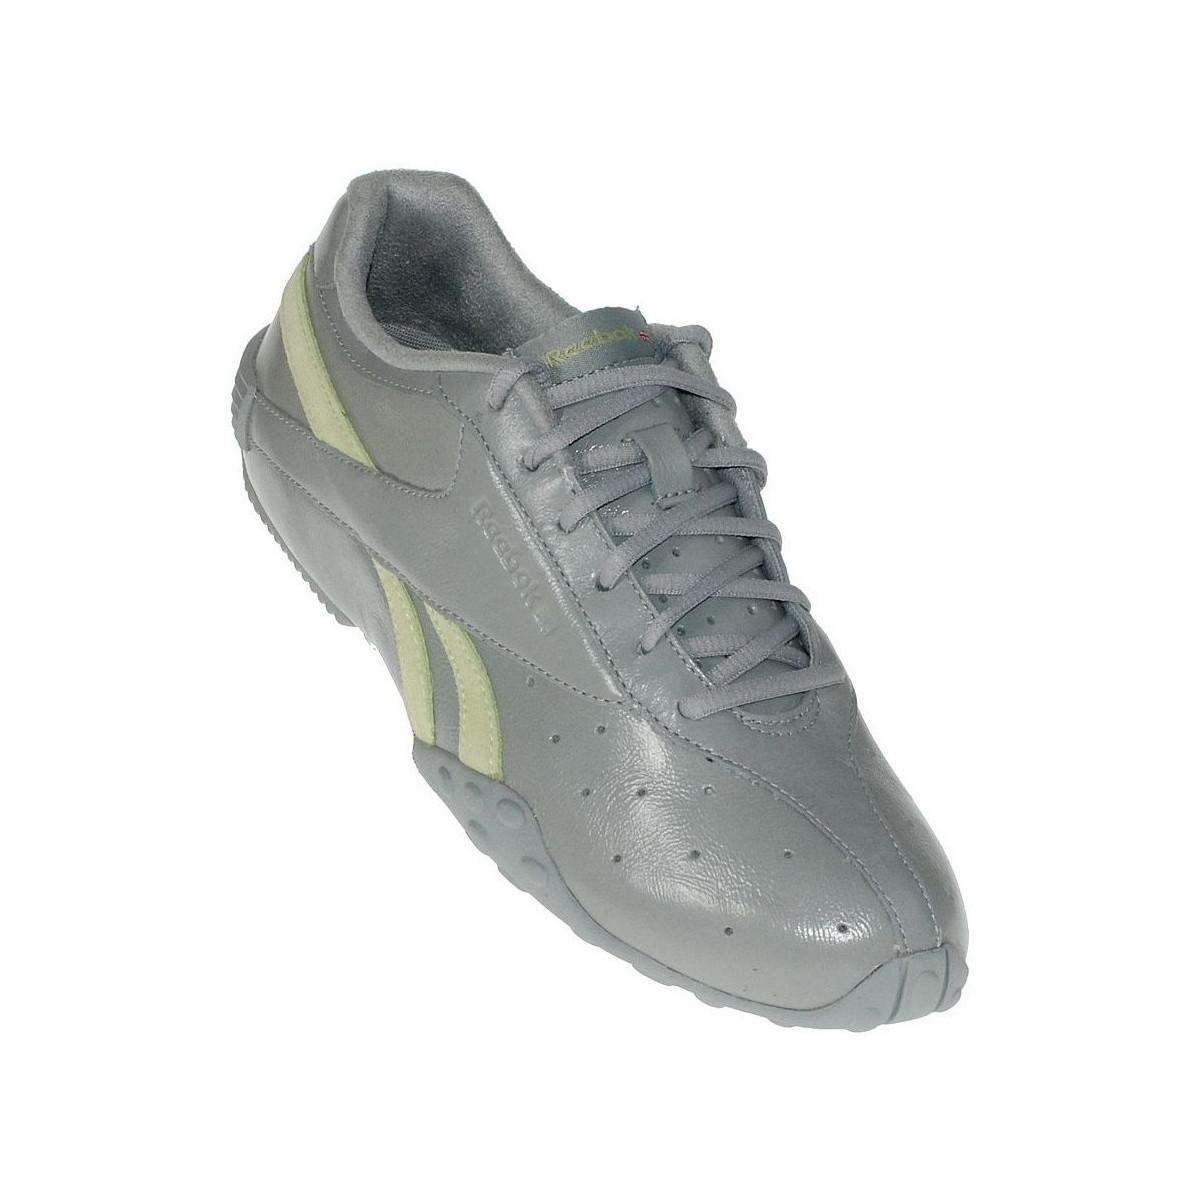 Vanta Gray Trainers Qxw1410h Crisp Lyst In Reebok Shoes Women's Grey NnwOyvPm80